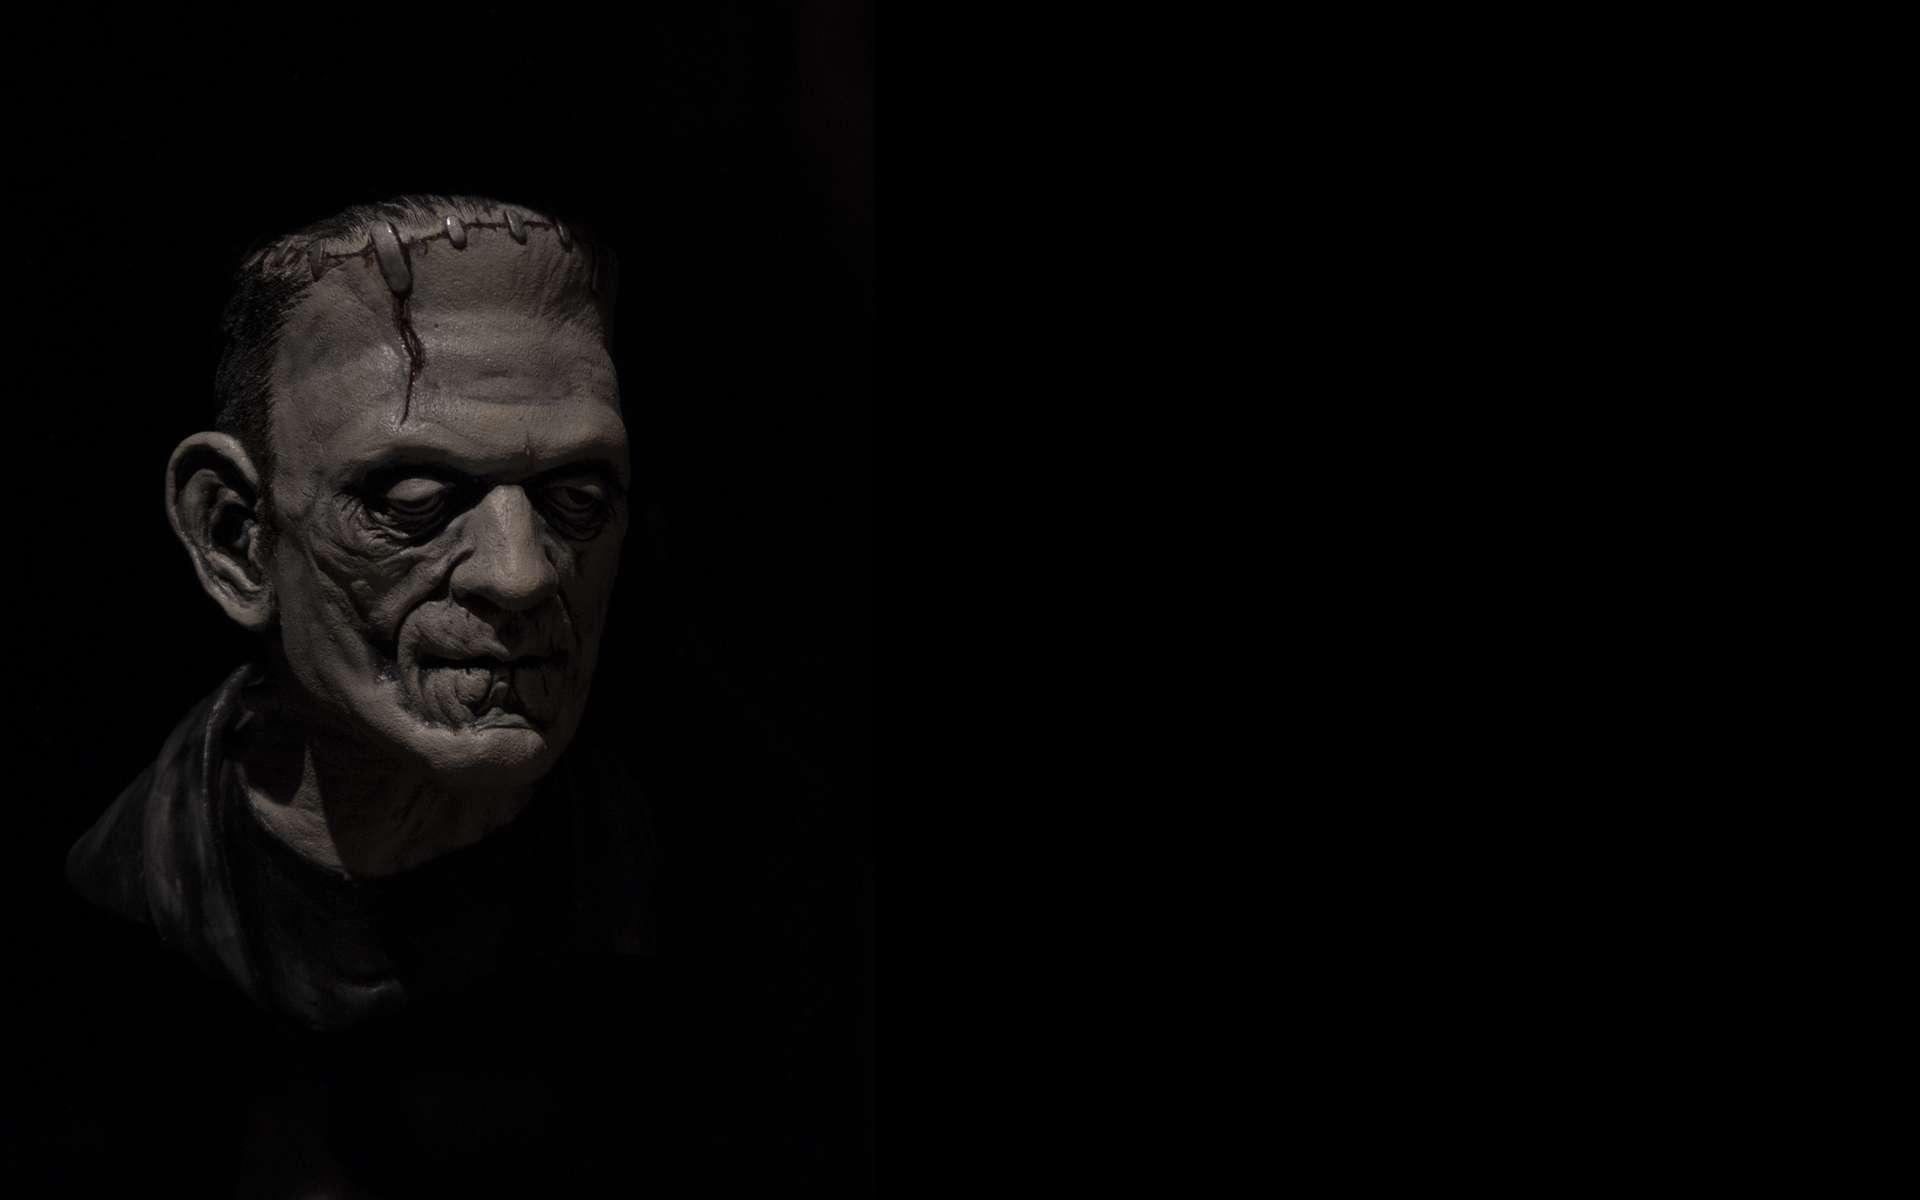 Rejetée par tous, la créature de Frankenstein se retrouve seule. © Ivan, Adobe Stock